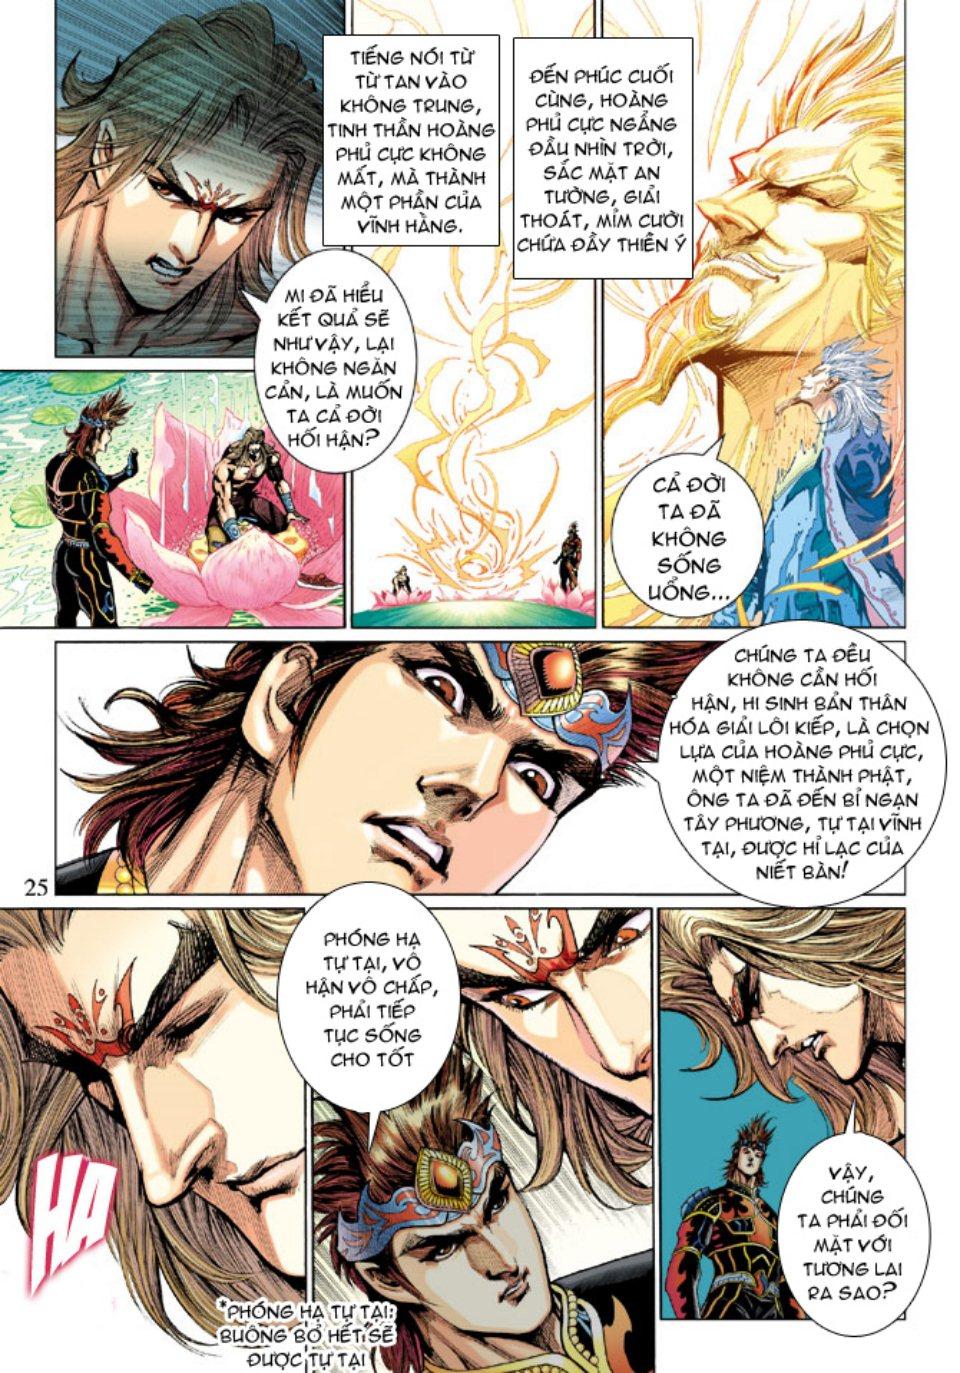 Thiên Tử Truyền Kỳ 5 - Như Lai Thần Chưởng chap 214 - Trang 24